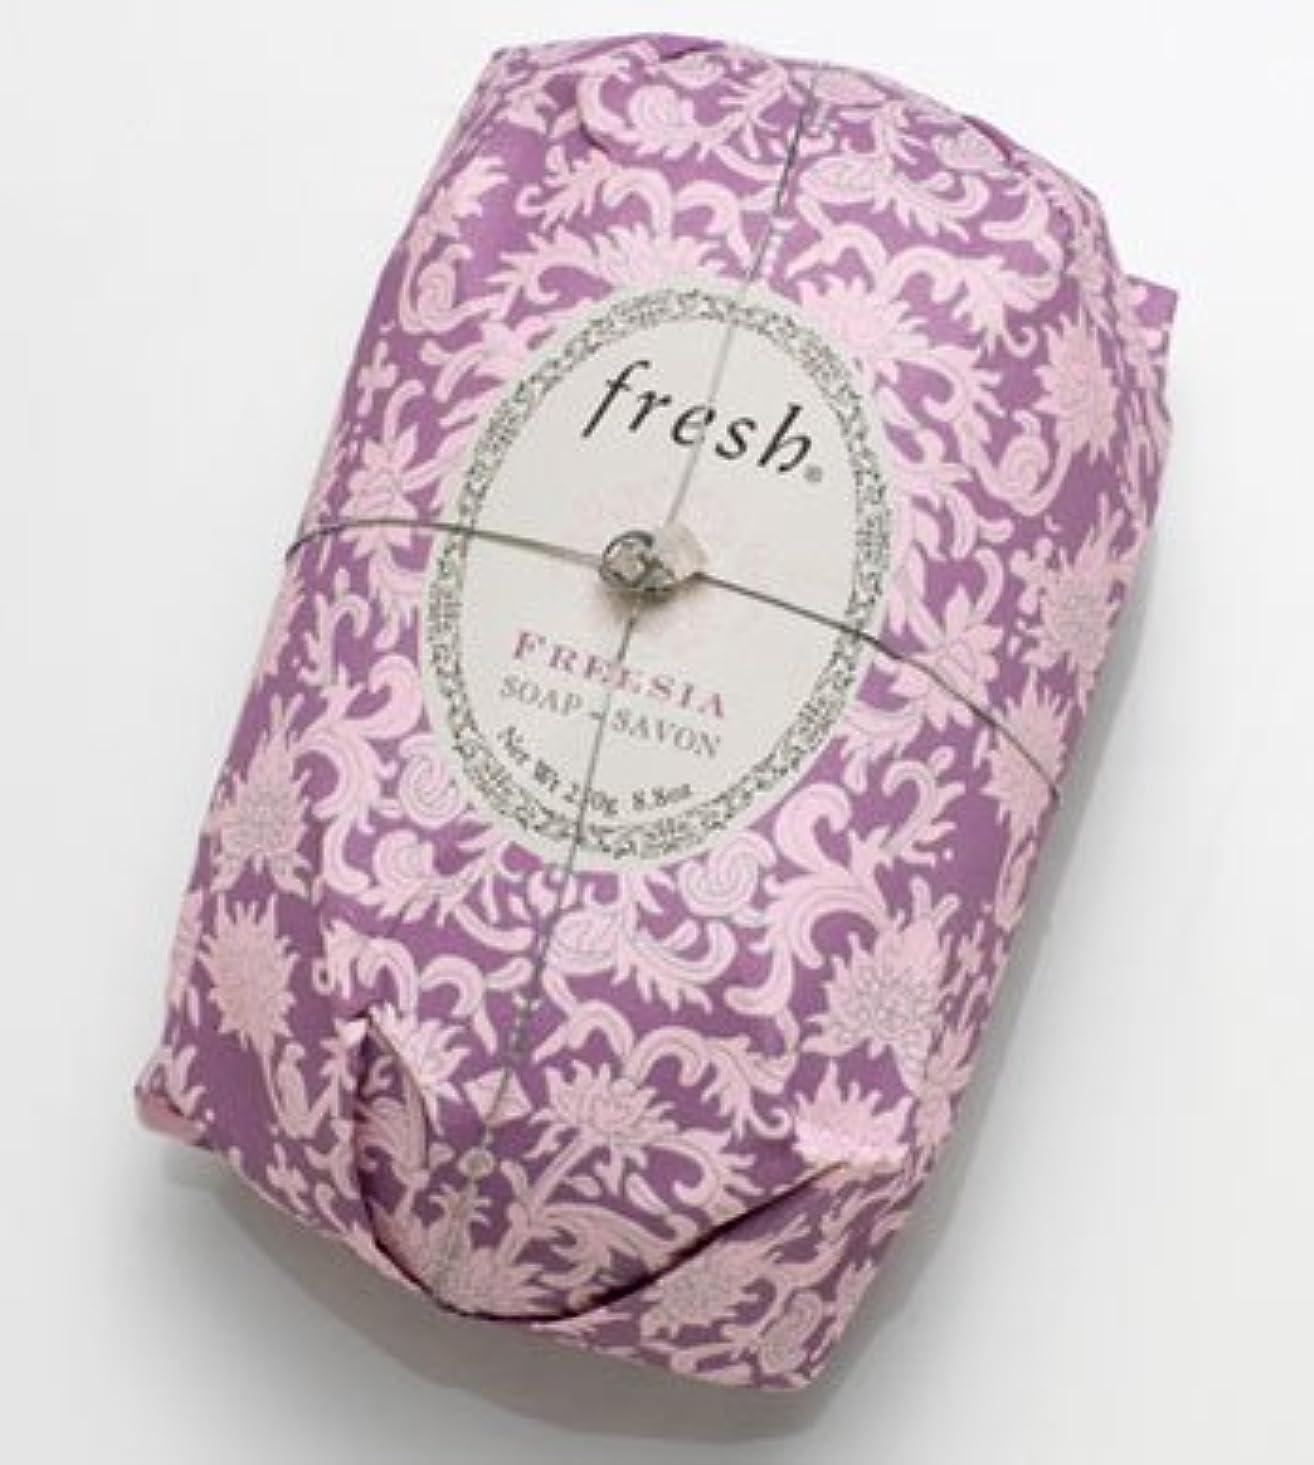 考案する認可債務Fresh FREESIA  SOAP (フレッシュ フリージア ソープ) 8.8 oz (250g) Soap (石鹸) by Fresh